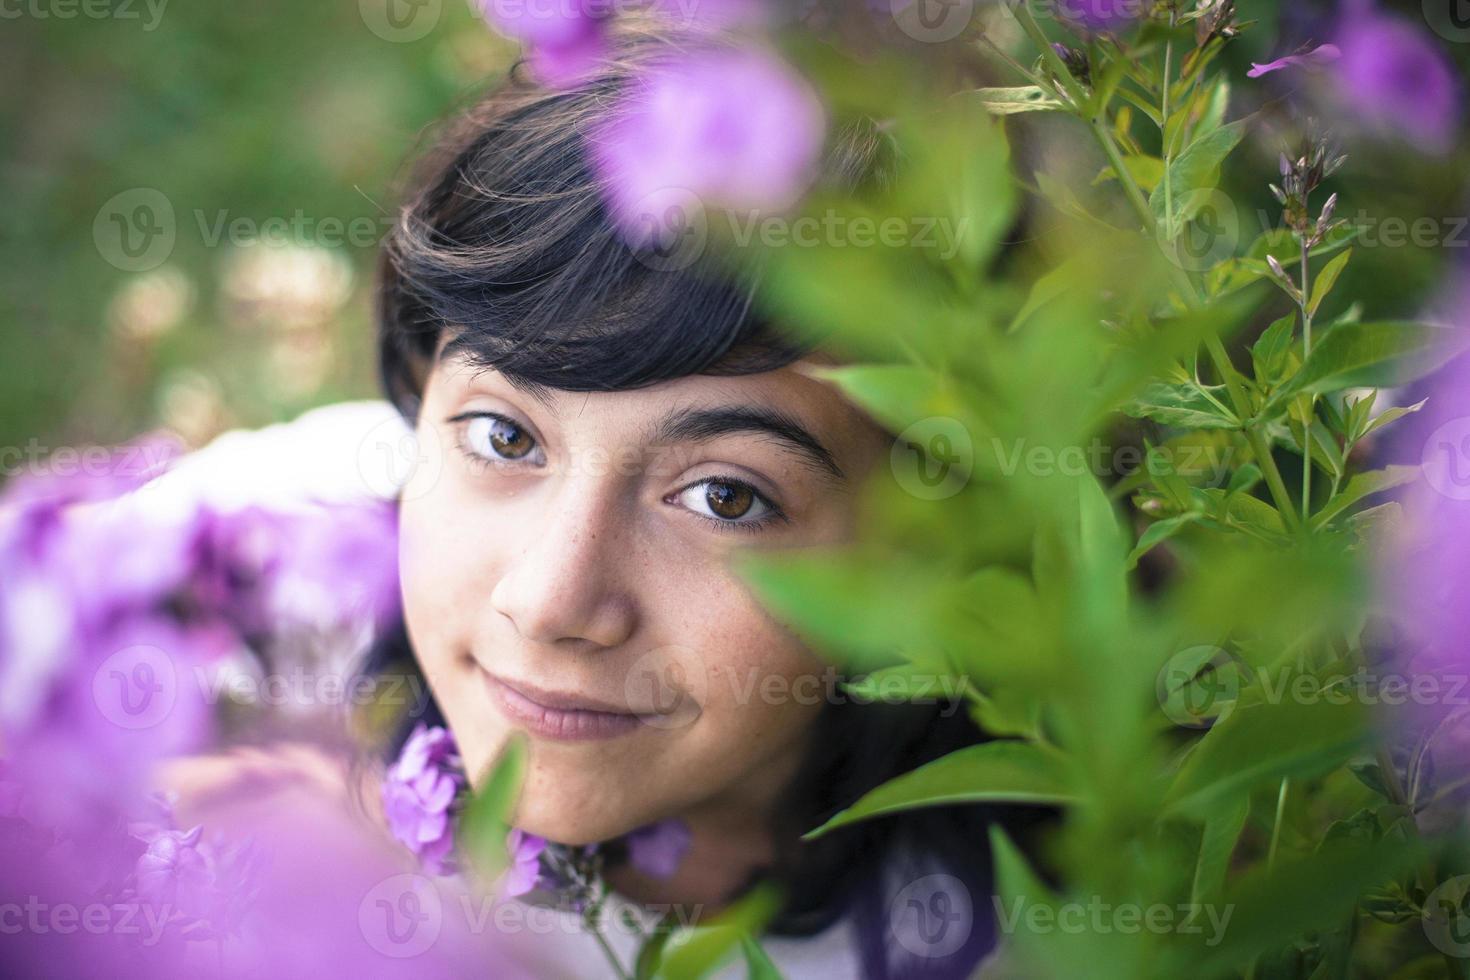 närbild varm porträtt av en vacker tonårig flicka. foto